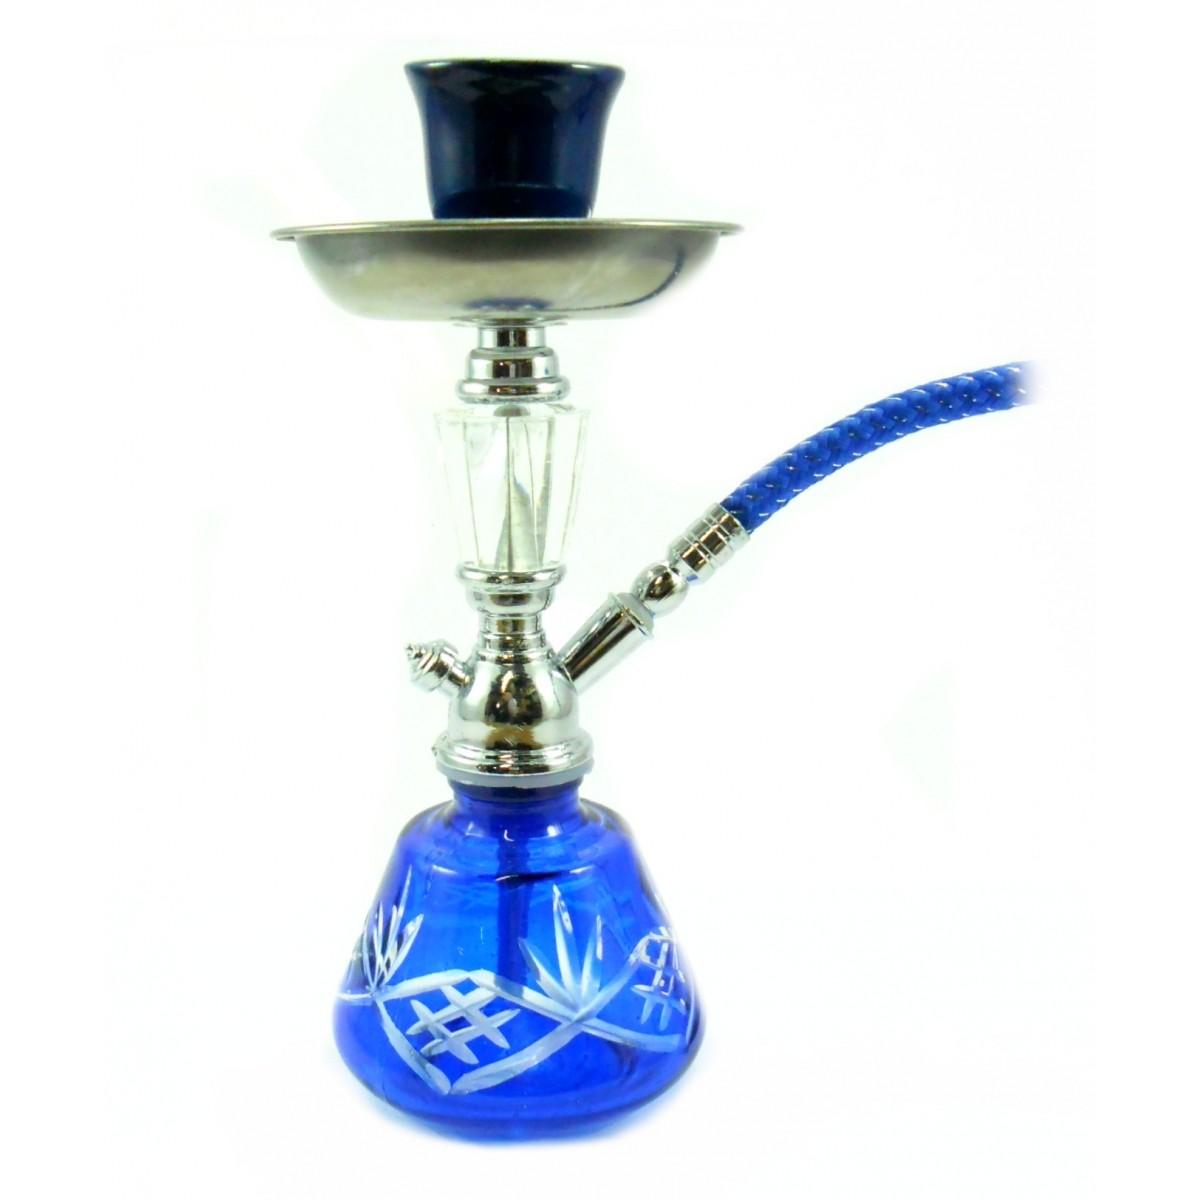 Mini Narguile 18cm. Vaso em vidro LAPIDADO AZUL corpo cromado, fornilho de cerâmica - mod. AB18_MOD12_1S_AZUL